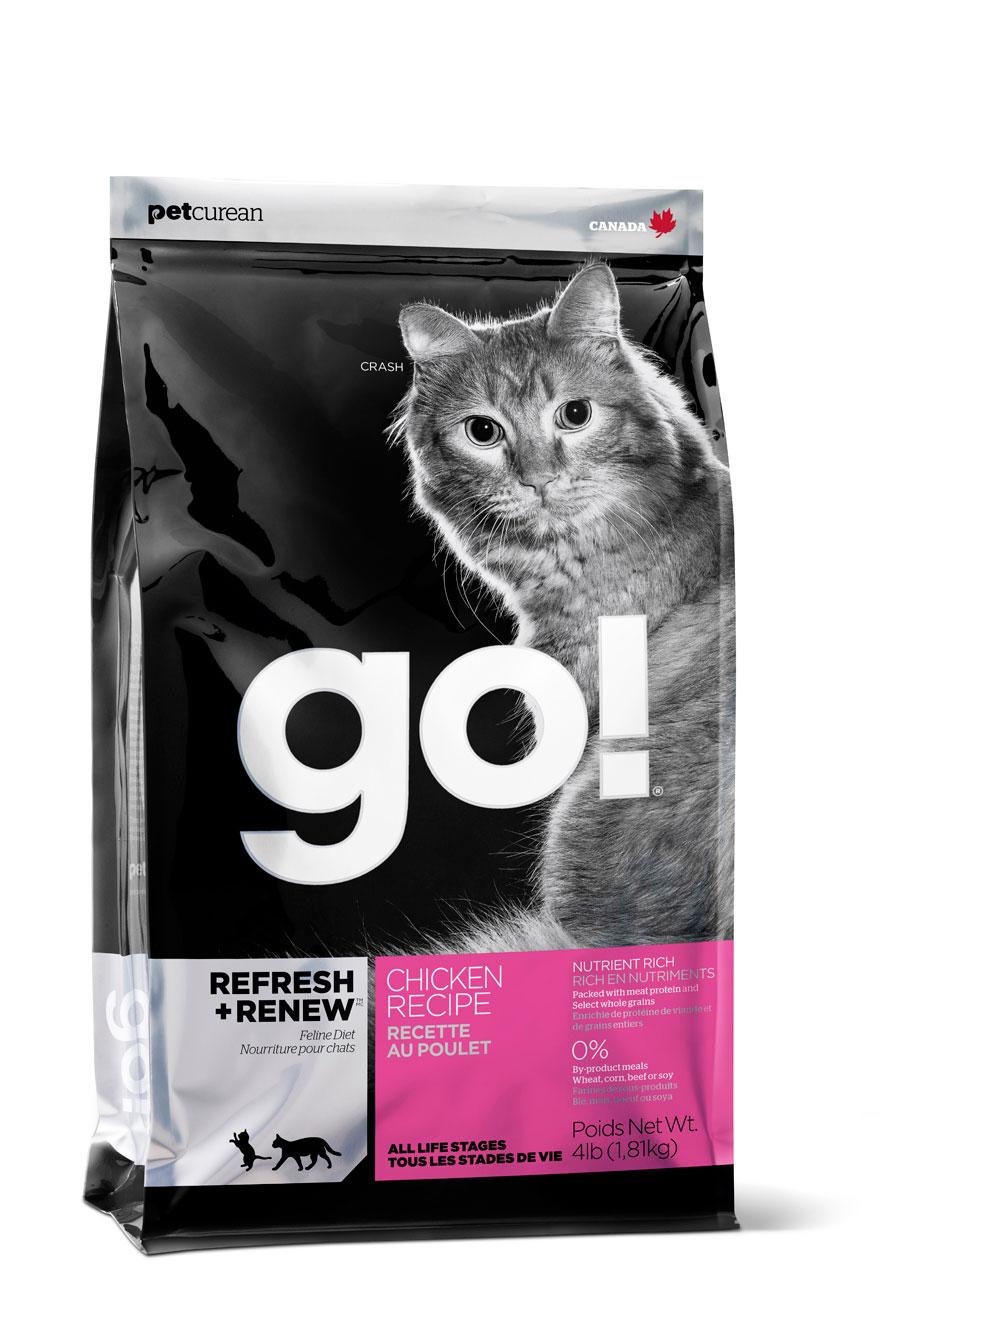 Корм сухой Go! для кошек и котят, с курицей, фруктами и овощами, 1,81 кг0120710Корм для котят и кошек Go! - полноценный корм обогащенный питательными веществами, обеспечивающий здоровье и активность вашего питомца на протяжении всей его жизни. В состав корма входят высококачественные источники белков, фрукты и овощи, богатые антиоксидантами и все необходимые жирные кислоты. Ключевые преимущества: - Полностью беззерновой, - Не содержит субпродуктов, красителей, говядины, мясных ингредиентов, выращенных на гормонах, - Превосходный вкус, - Мелкие крокеты будут по вкусу самым привередливым кошкам, - Таурин необходим для здоровья глаз и нормального функционирования сердечной мышцы,- Сложные углеводы - отличный источник энергии, - В составе Омега-кислоты необходимые для здоровой кожи и шерсти, - Антиоксиданты укрепляют иммунную систему. Состав: свежее мясо курицы, филе цыпленка, коричневый цельный рис, цельный белый рис, овсянка, куриный жир (источник витамина Е), мясо лосося, натуральный куриный ароматизатор, подсолнечное масло, рисовые отруби, яблоки, морковь, картофель, клюква, льняное масло, свежие цельные яйца, масло лосося, люцерна, фосфорная кислота, калия хлорид, таурин, витамины (витамин Е, L-аскорбил-2-полифосфатов (источник витамина С), никотиновая кислота, инозит, витамин А, тиамина мононитрат, D-кальций пантотенат, пиридоксина гидрохлорид, рибофлавин, бета-каротин, витамин D3, фолиевая кислота, биотин, витамин В12), минералы (цинка протеинат, сульфат железа, оксид цинка, железа протеинат, сульфат меди, меди протеинат, марганца протеинат, оксид марганца, йодат кальция, селенит натрия), DL-метионин, сухой корень цикория, экстракт юкка шидигера, сушеный розмарин. Анализ:белок 32,0%, жир 20,0%, клетчатка 2,5%, влажность 10,0%, зола 6,5%, фосфор 0,8%, таурин 2050 мг/кг, омега-6 жирная кислота 3,2%, омега-3 жирная кислота 0,63%.Энергетическая ценность: 4604 ккал/кг. Вес: 1,81 кг.Товар сертифицирован.